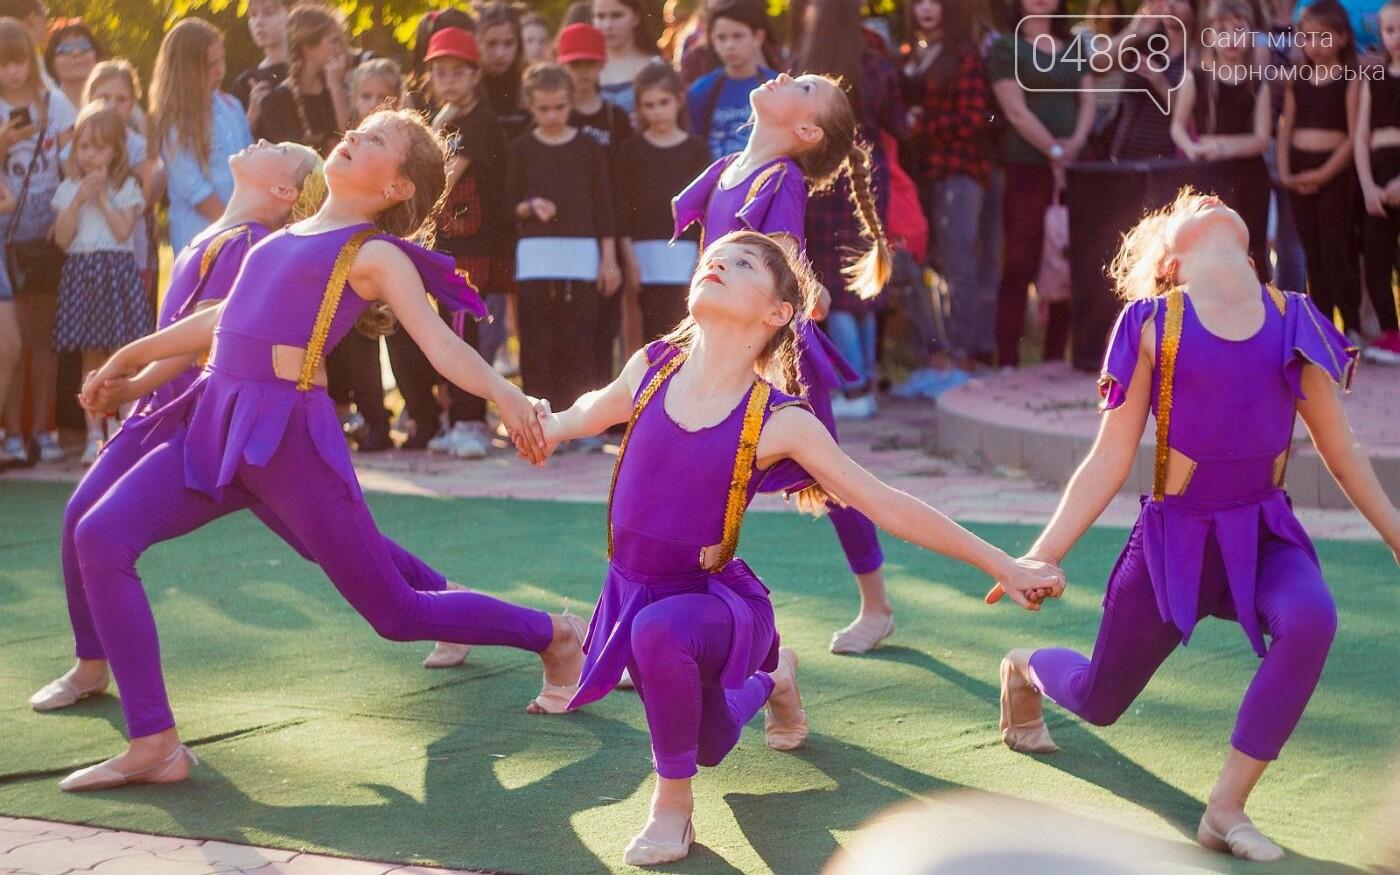 Дворец культуры приглашает жителей Черноморска на День открытых дверей (фото), фото-2